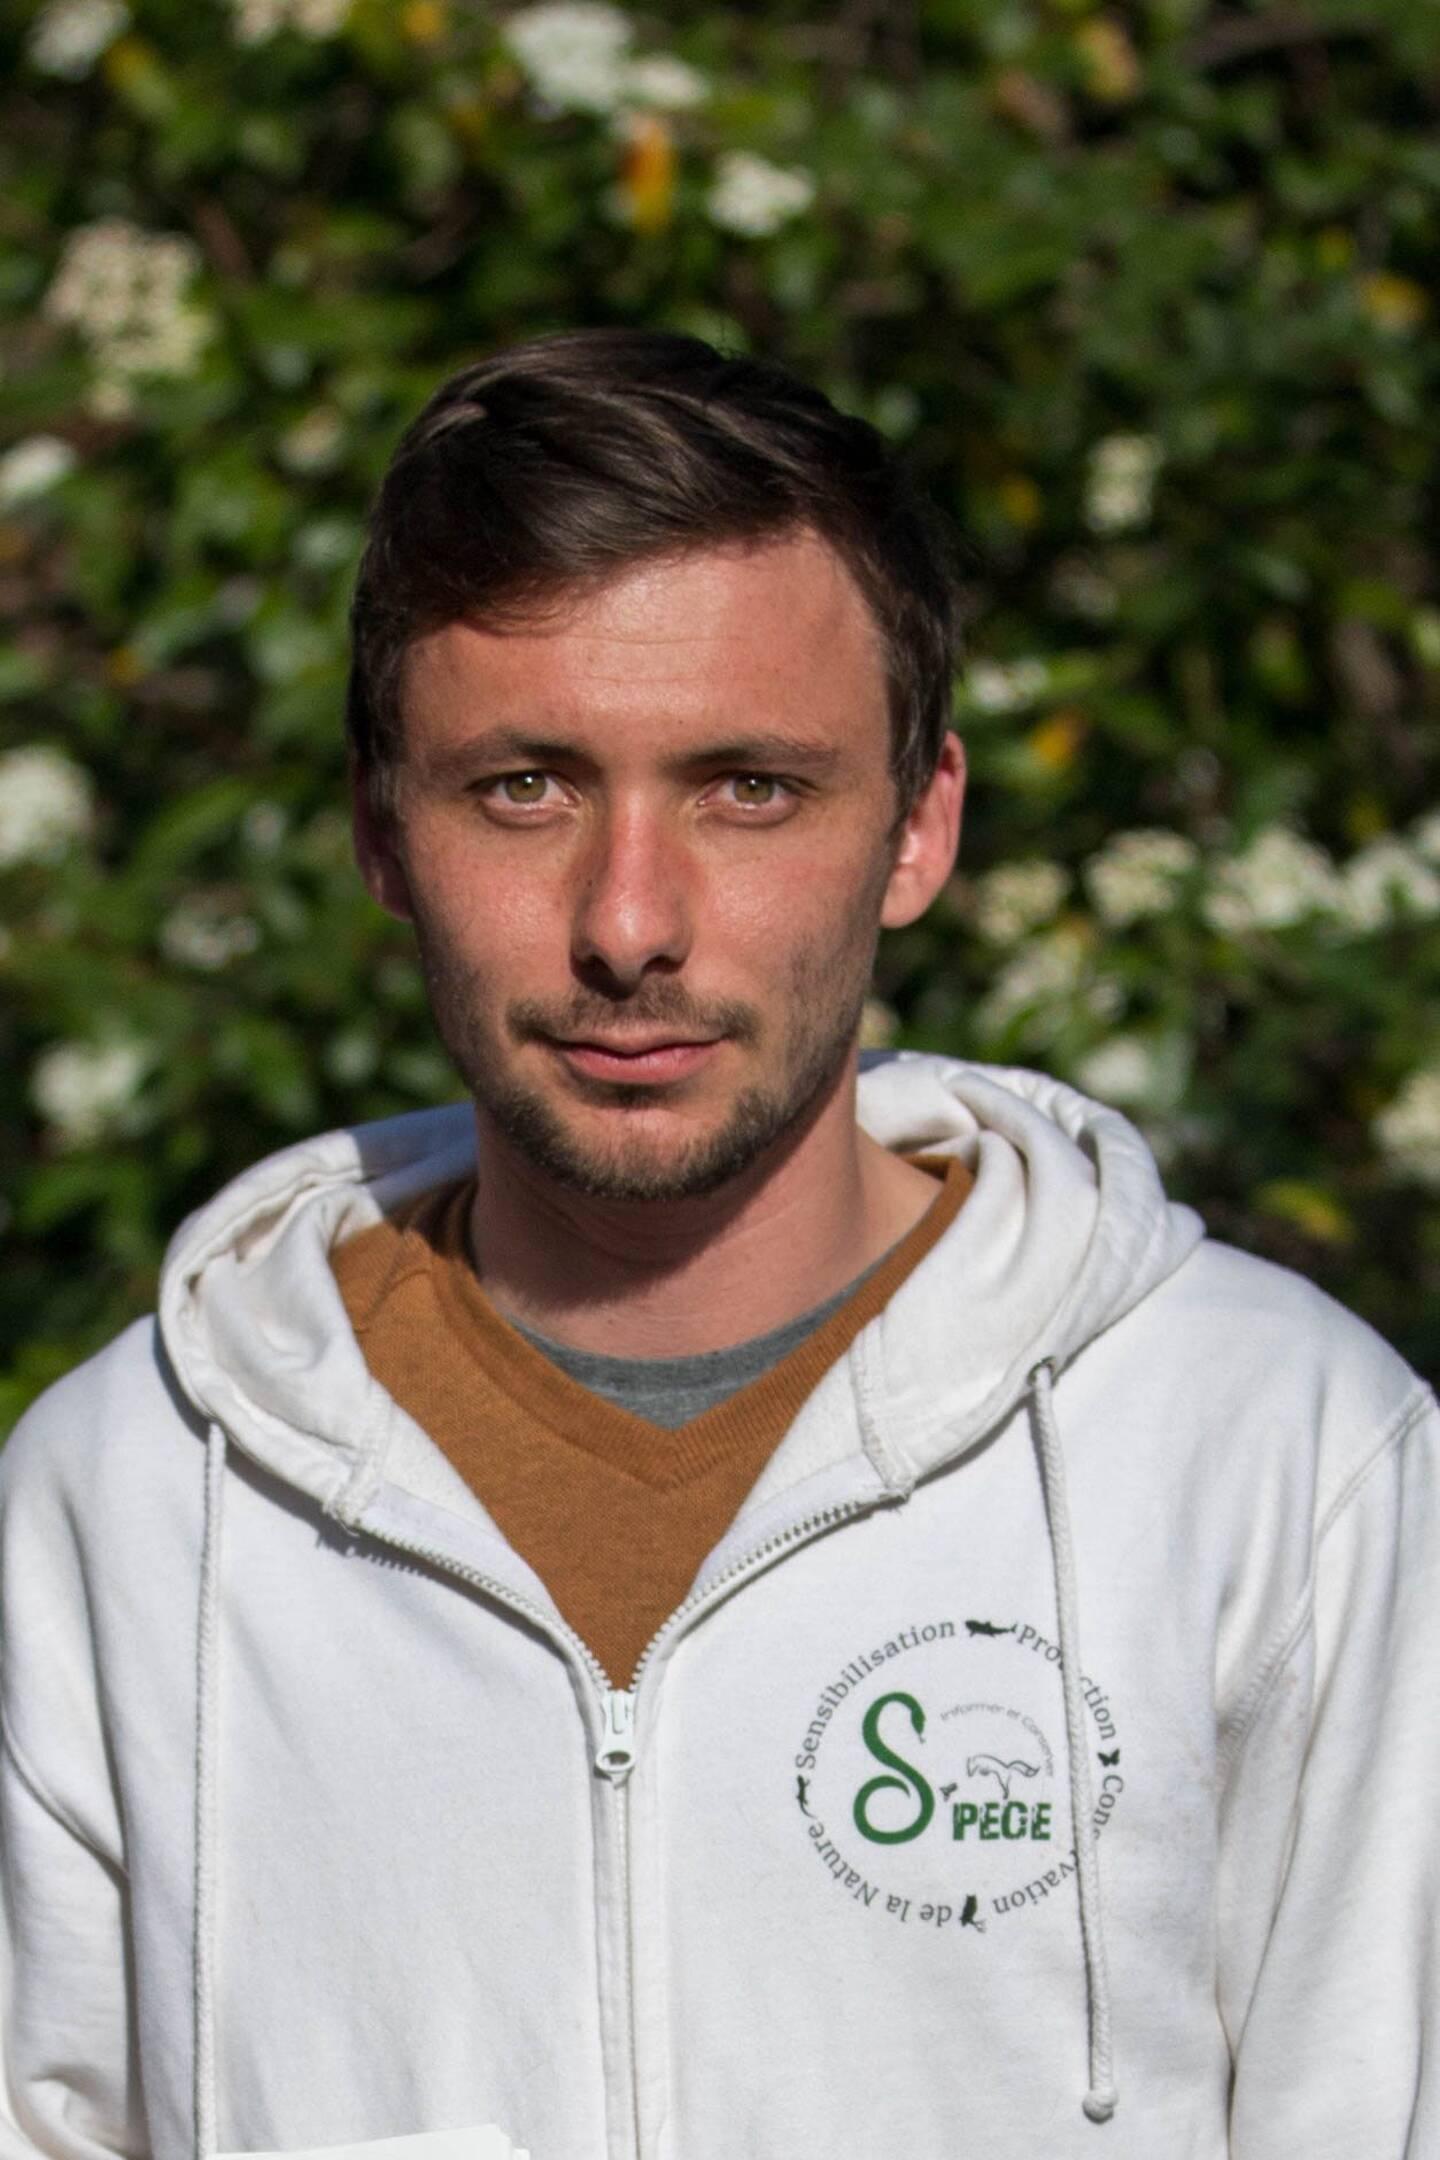 Vincent Mariani, président de la S'Pece.